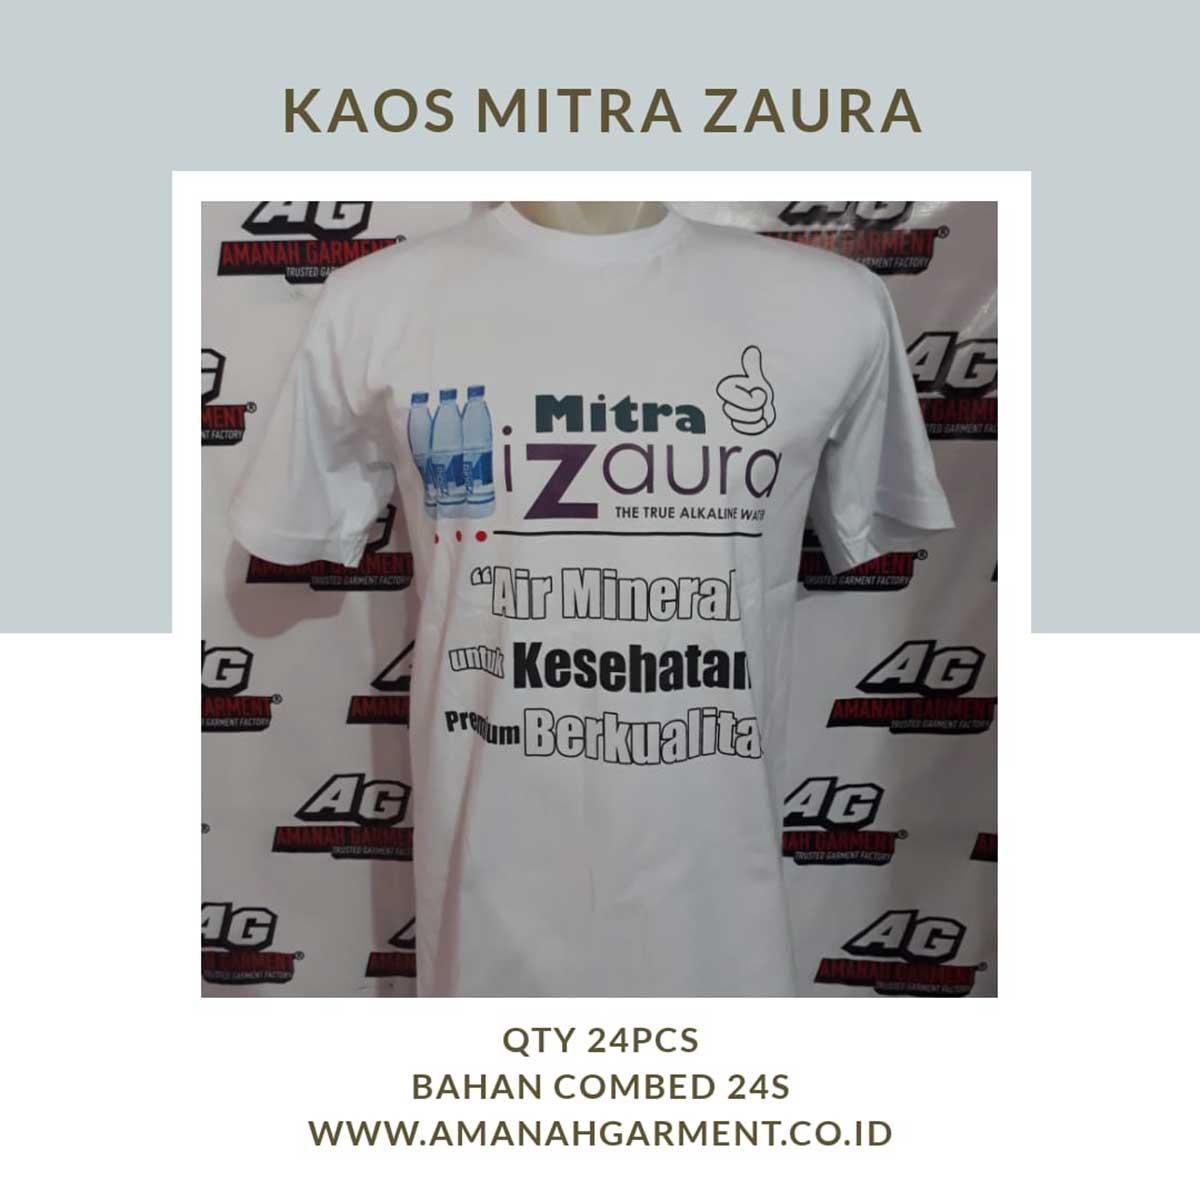 Jasa Pesan Kaos Sablon Murah Online di Bandung